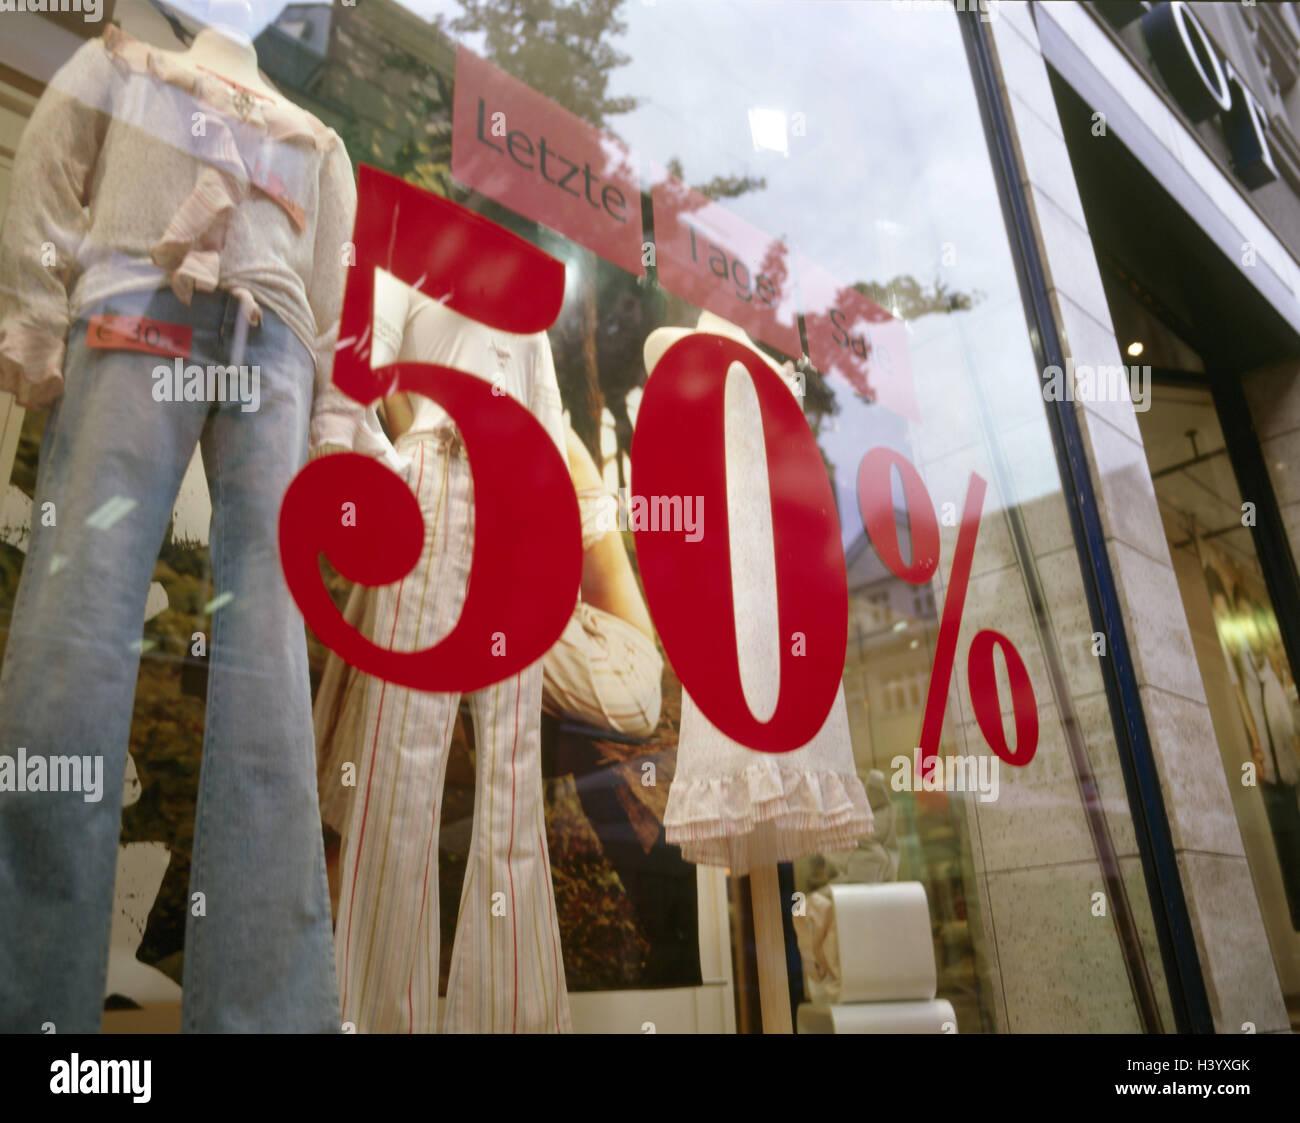 superior quality 988dd 5fb19 Kleidung Geschäft, Schaufenster, Beschriftung, 50 % Rabatt ...